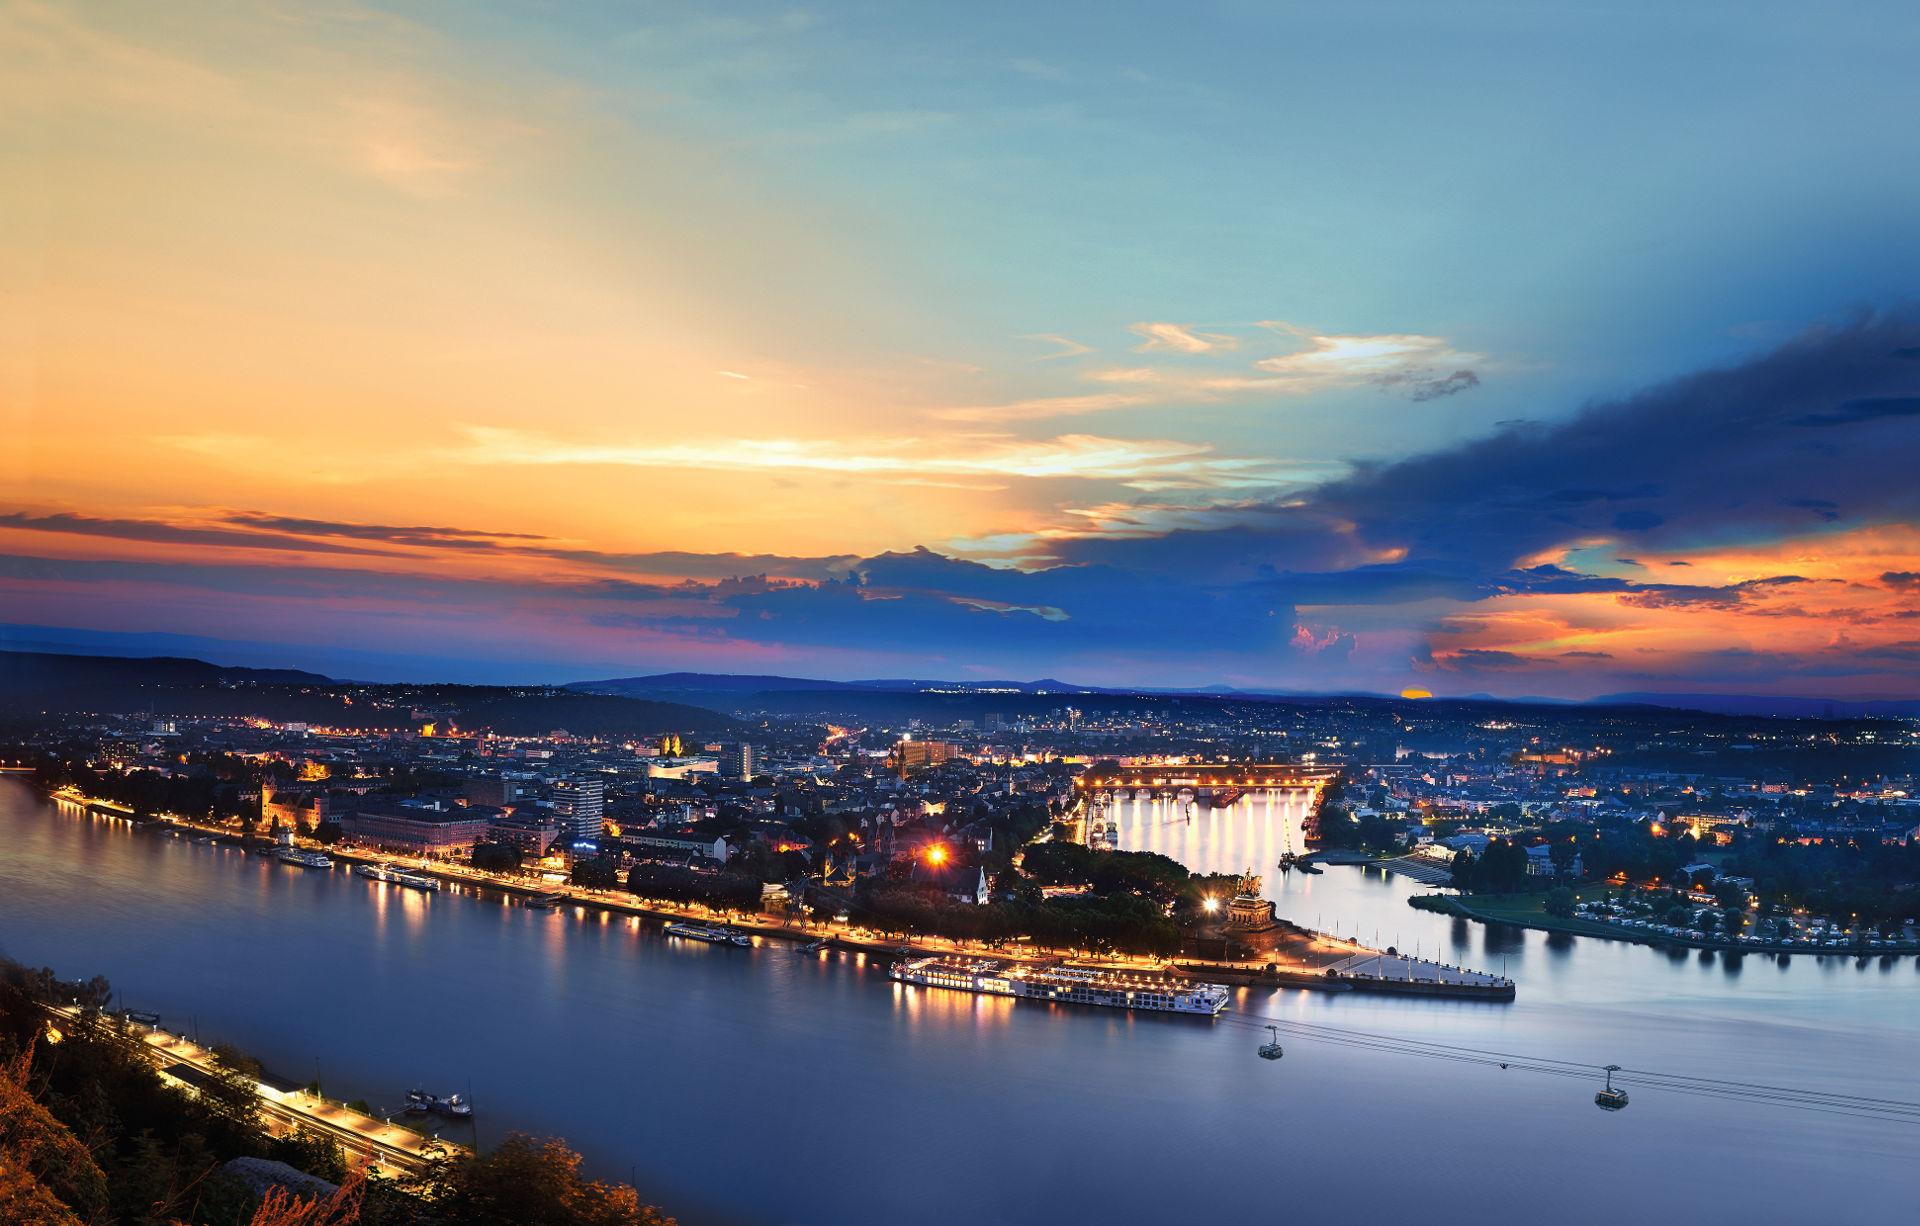 Fotografen Koblenz deutschland tour startet in koblenz roadcycling de